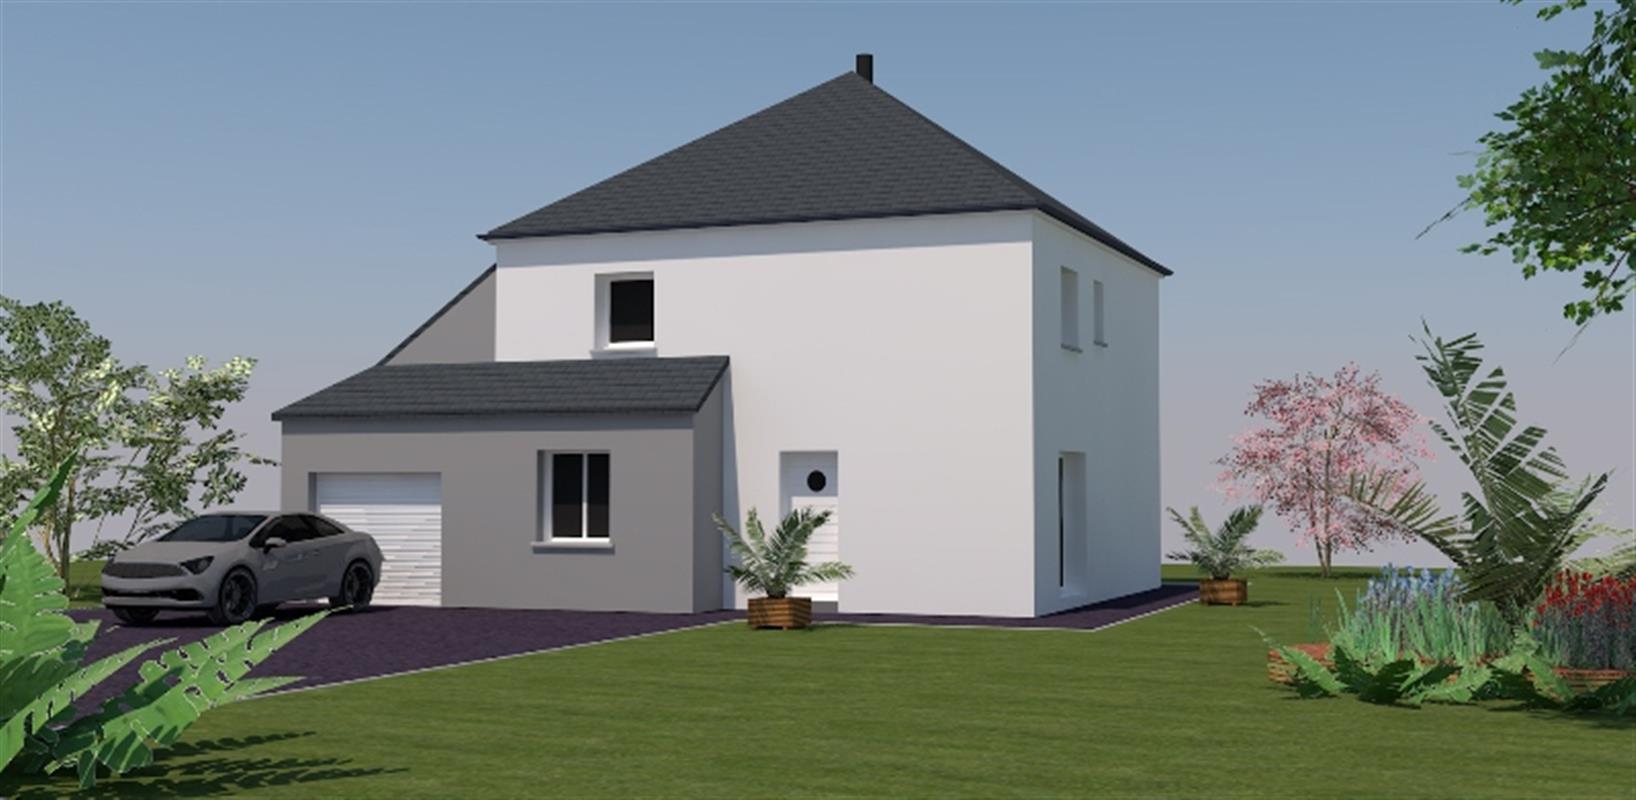 Vision 118 m type f5 catalogue constructeur maison for Type construction maison